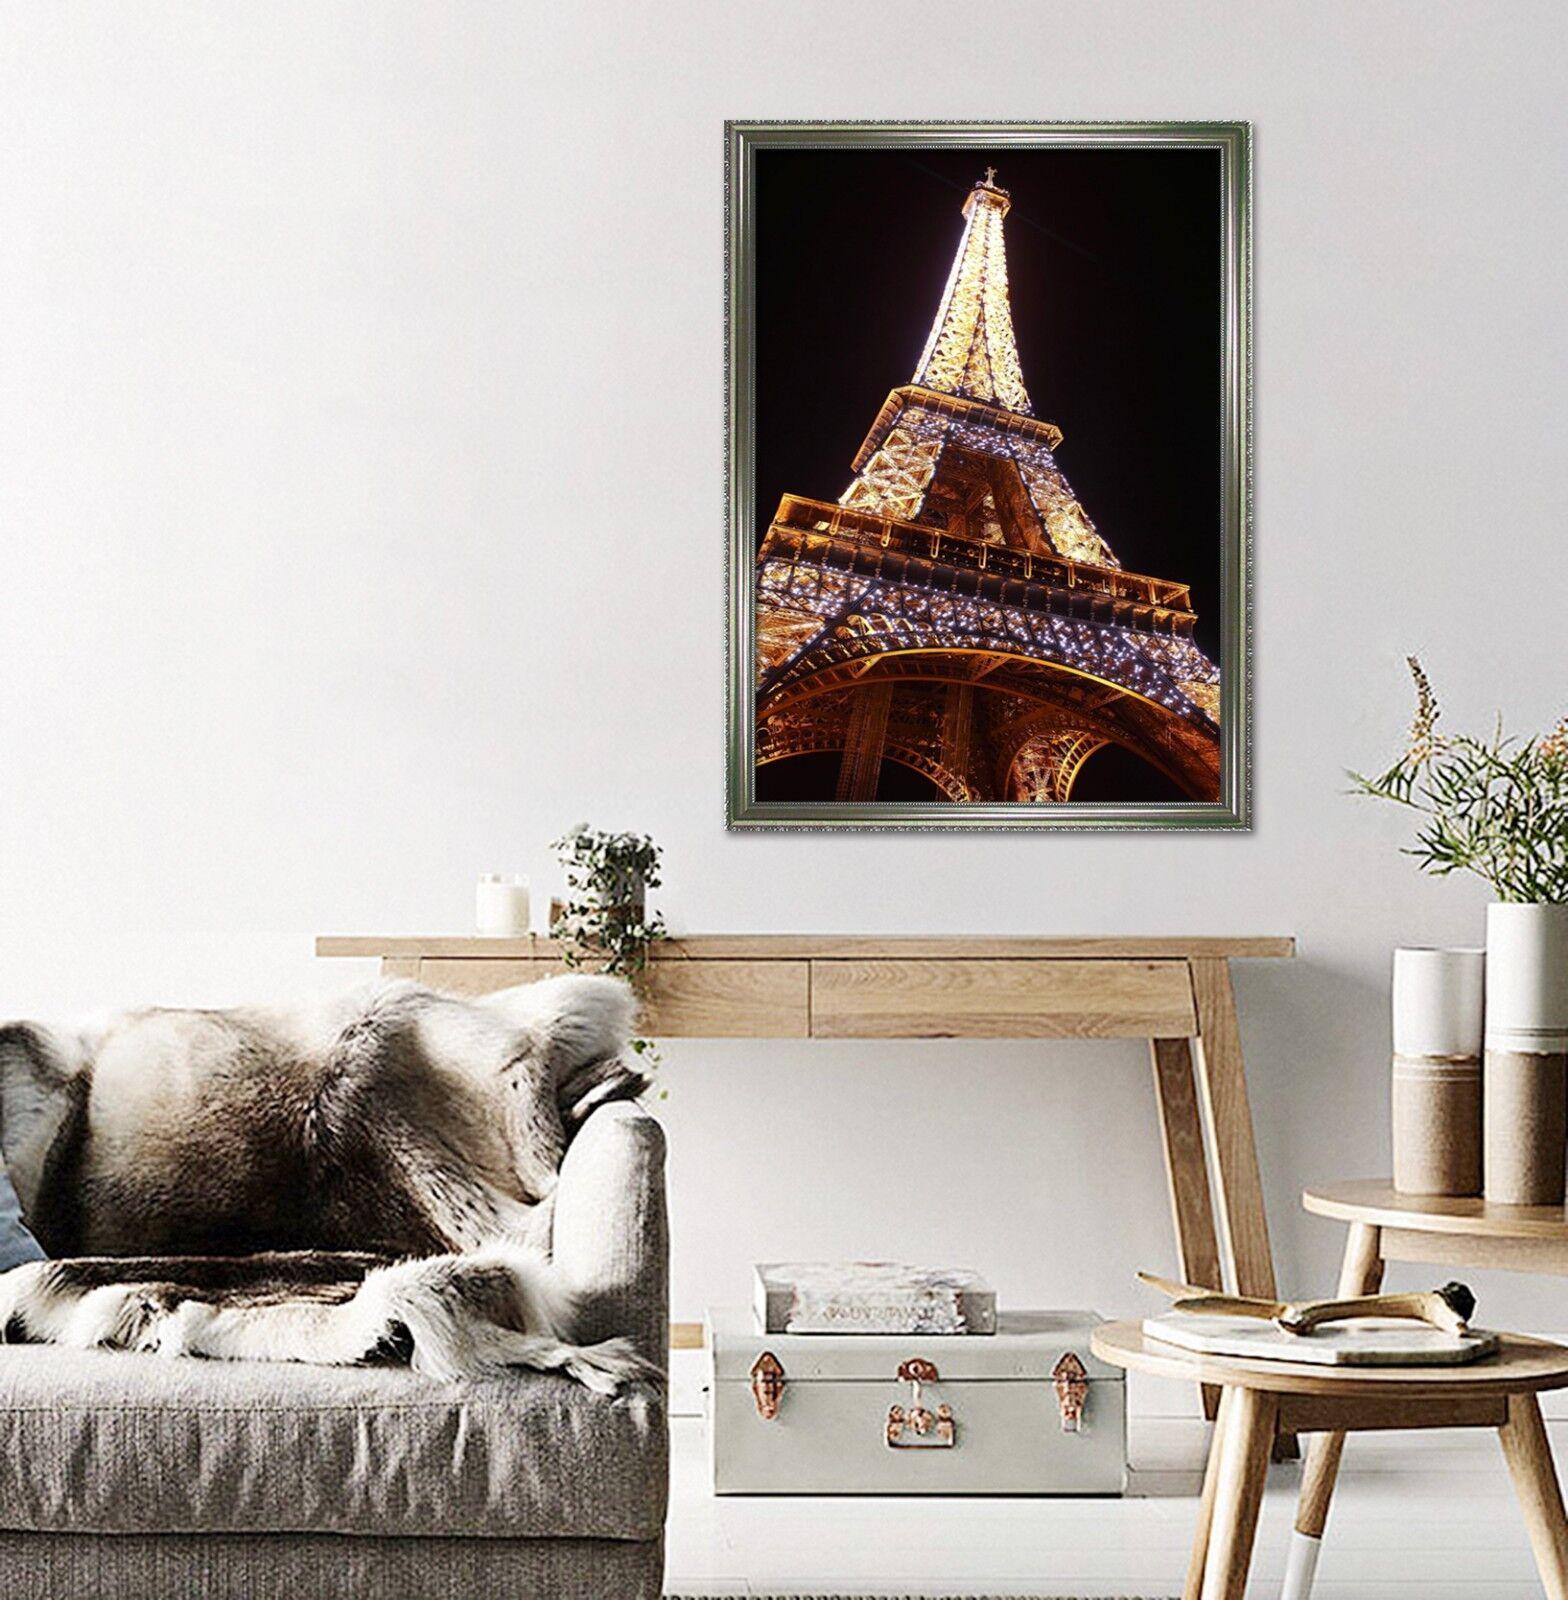 Torre Eiffel Noche 3D 2 Póster Enmarcado Decoración del Hogar Pintura de Impresión Arte AJ Wallpaper